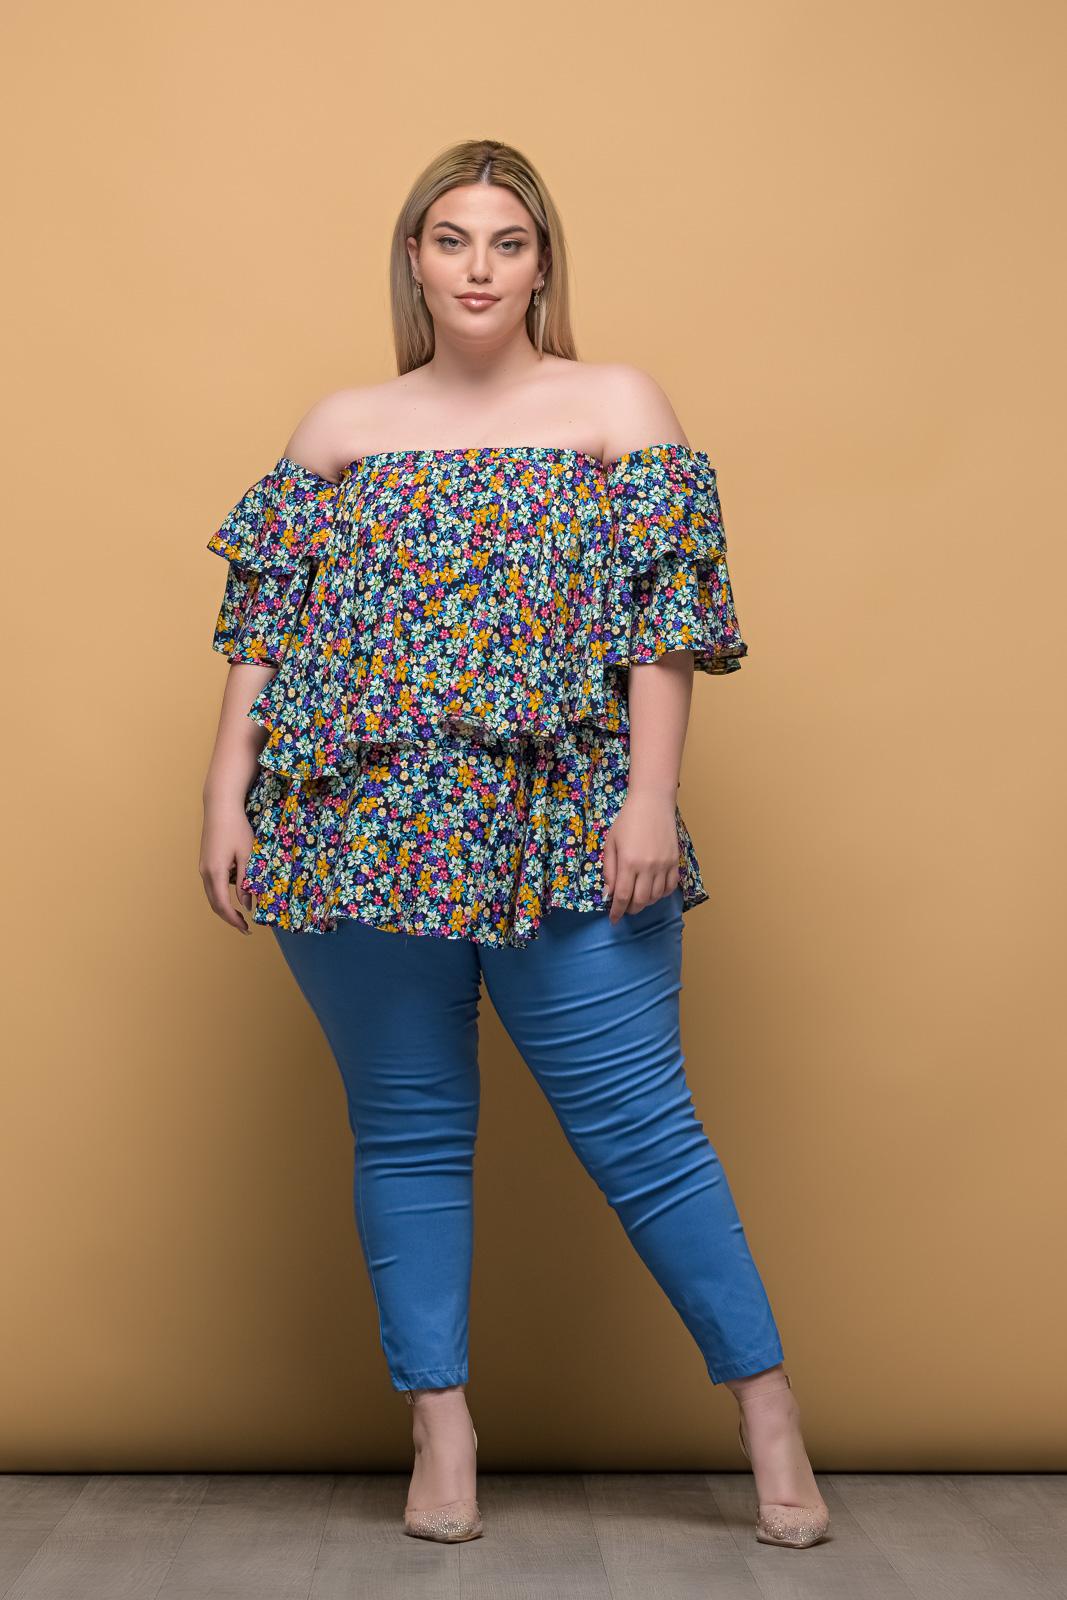 Στράπλες μεγάλα μεγέθη floral/μπλε με βολάν στο μανίκι.Στο eshop μας θα βρείτε οικονομικά γυναίκεια ρούχα σε μεγάλα μεγέθη και υπερμεγέθη.